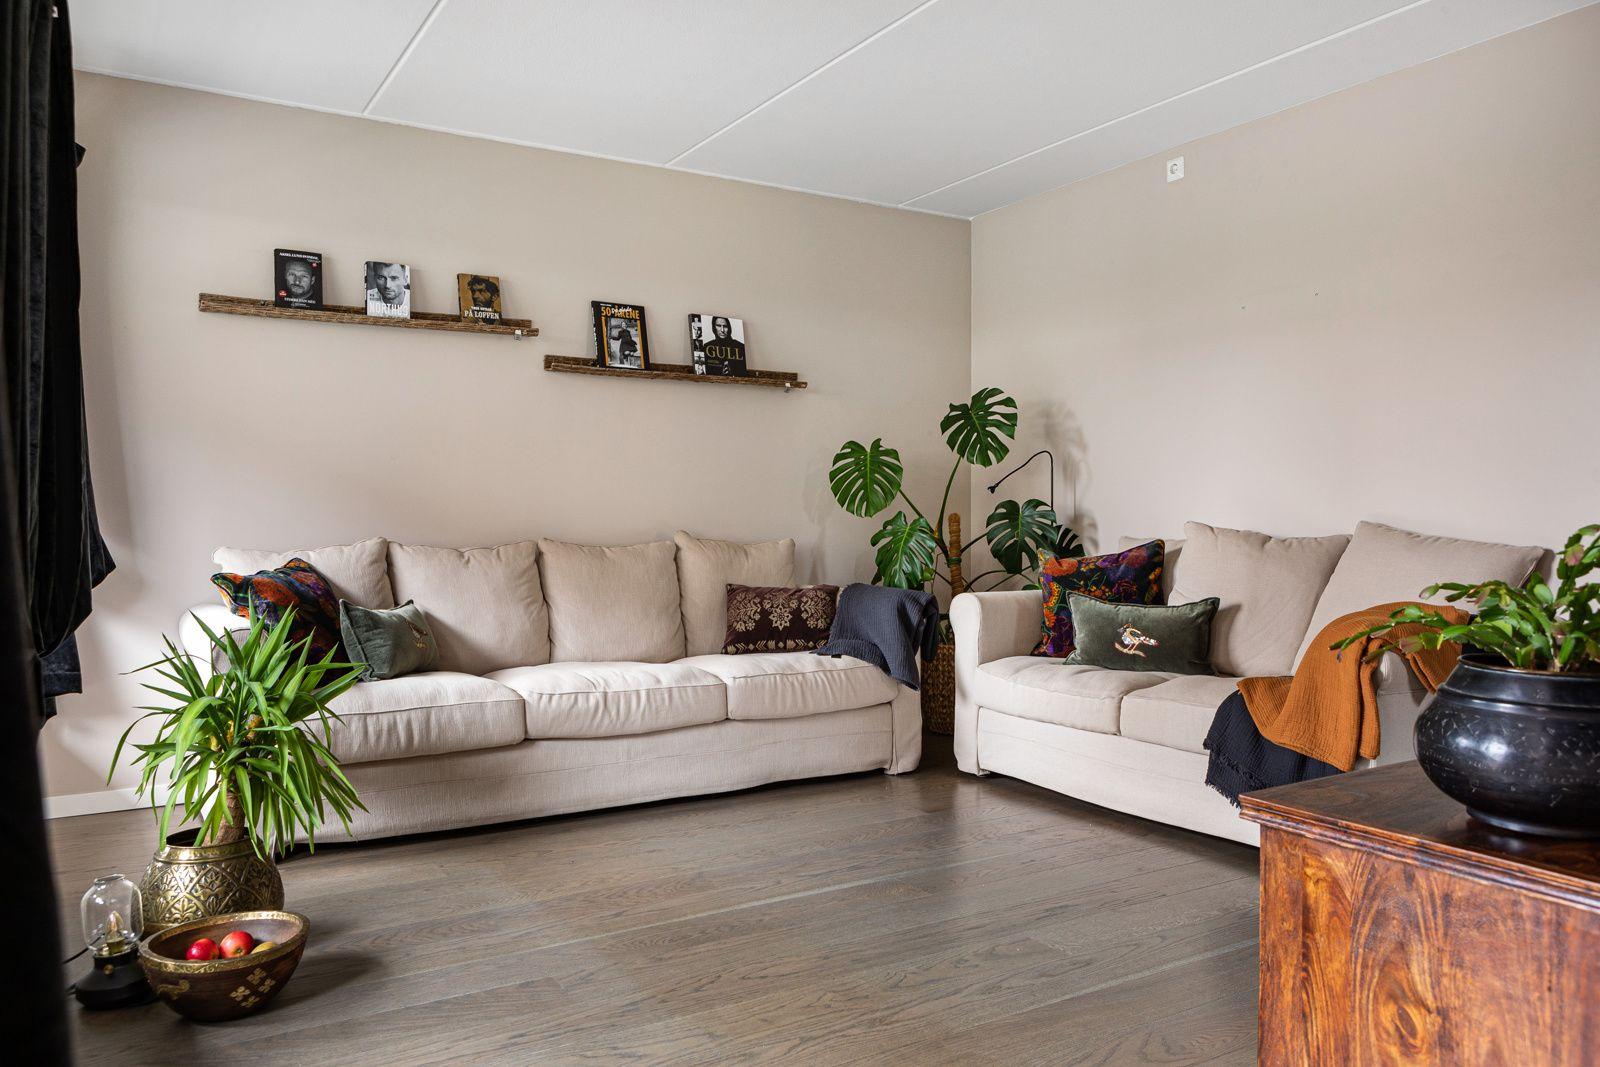 Jordalgata 2 Romslig stue med god plass til sofaseksjon med tilhørende møblement.